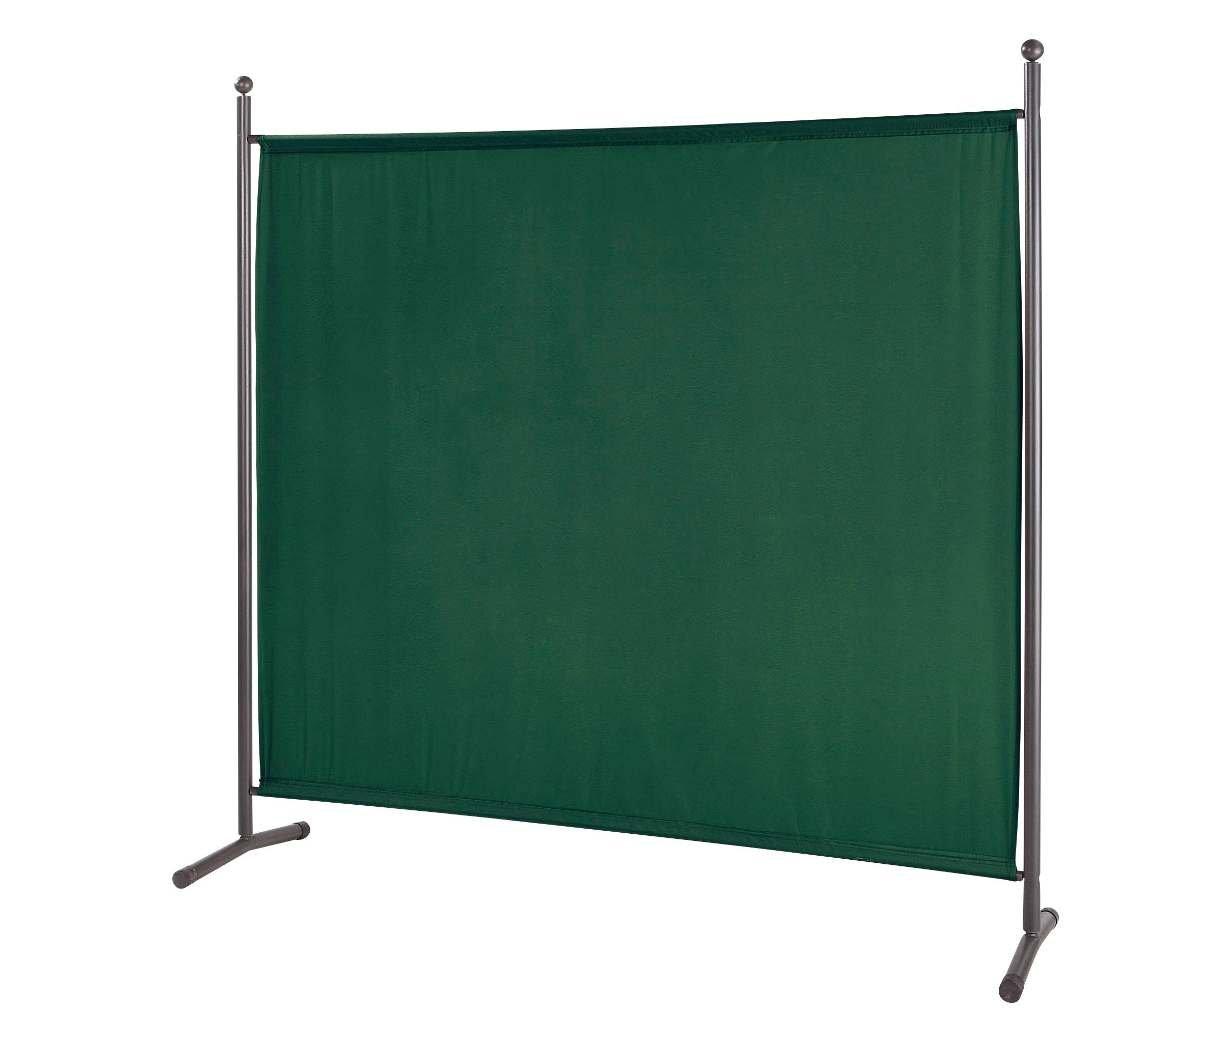 Grasekamp Stellwand 178x178cm Paravent Raumteiler Trennwand Sichtschutz Grün